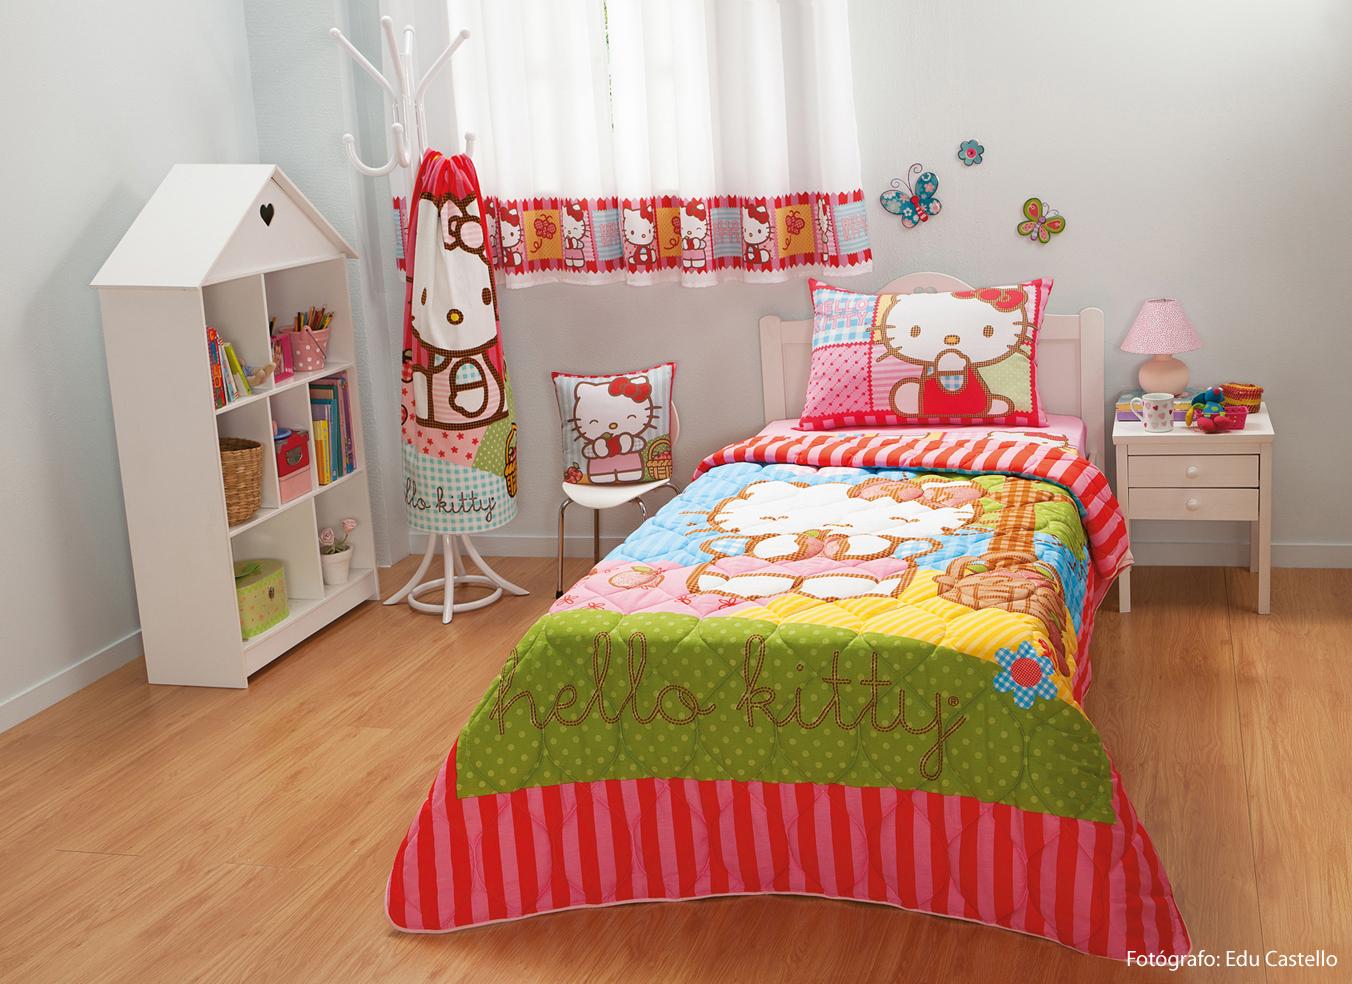 d455b700c A nova coleção apresenta uma linha completa de roupas de cama e banho  infanto-juvenil Hello Kitty em lançamento exclusivo pelas Casas  Pernambucanas